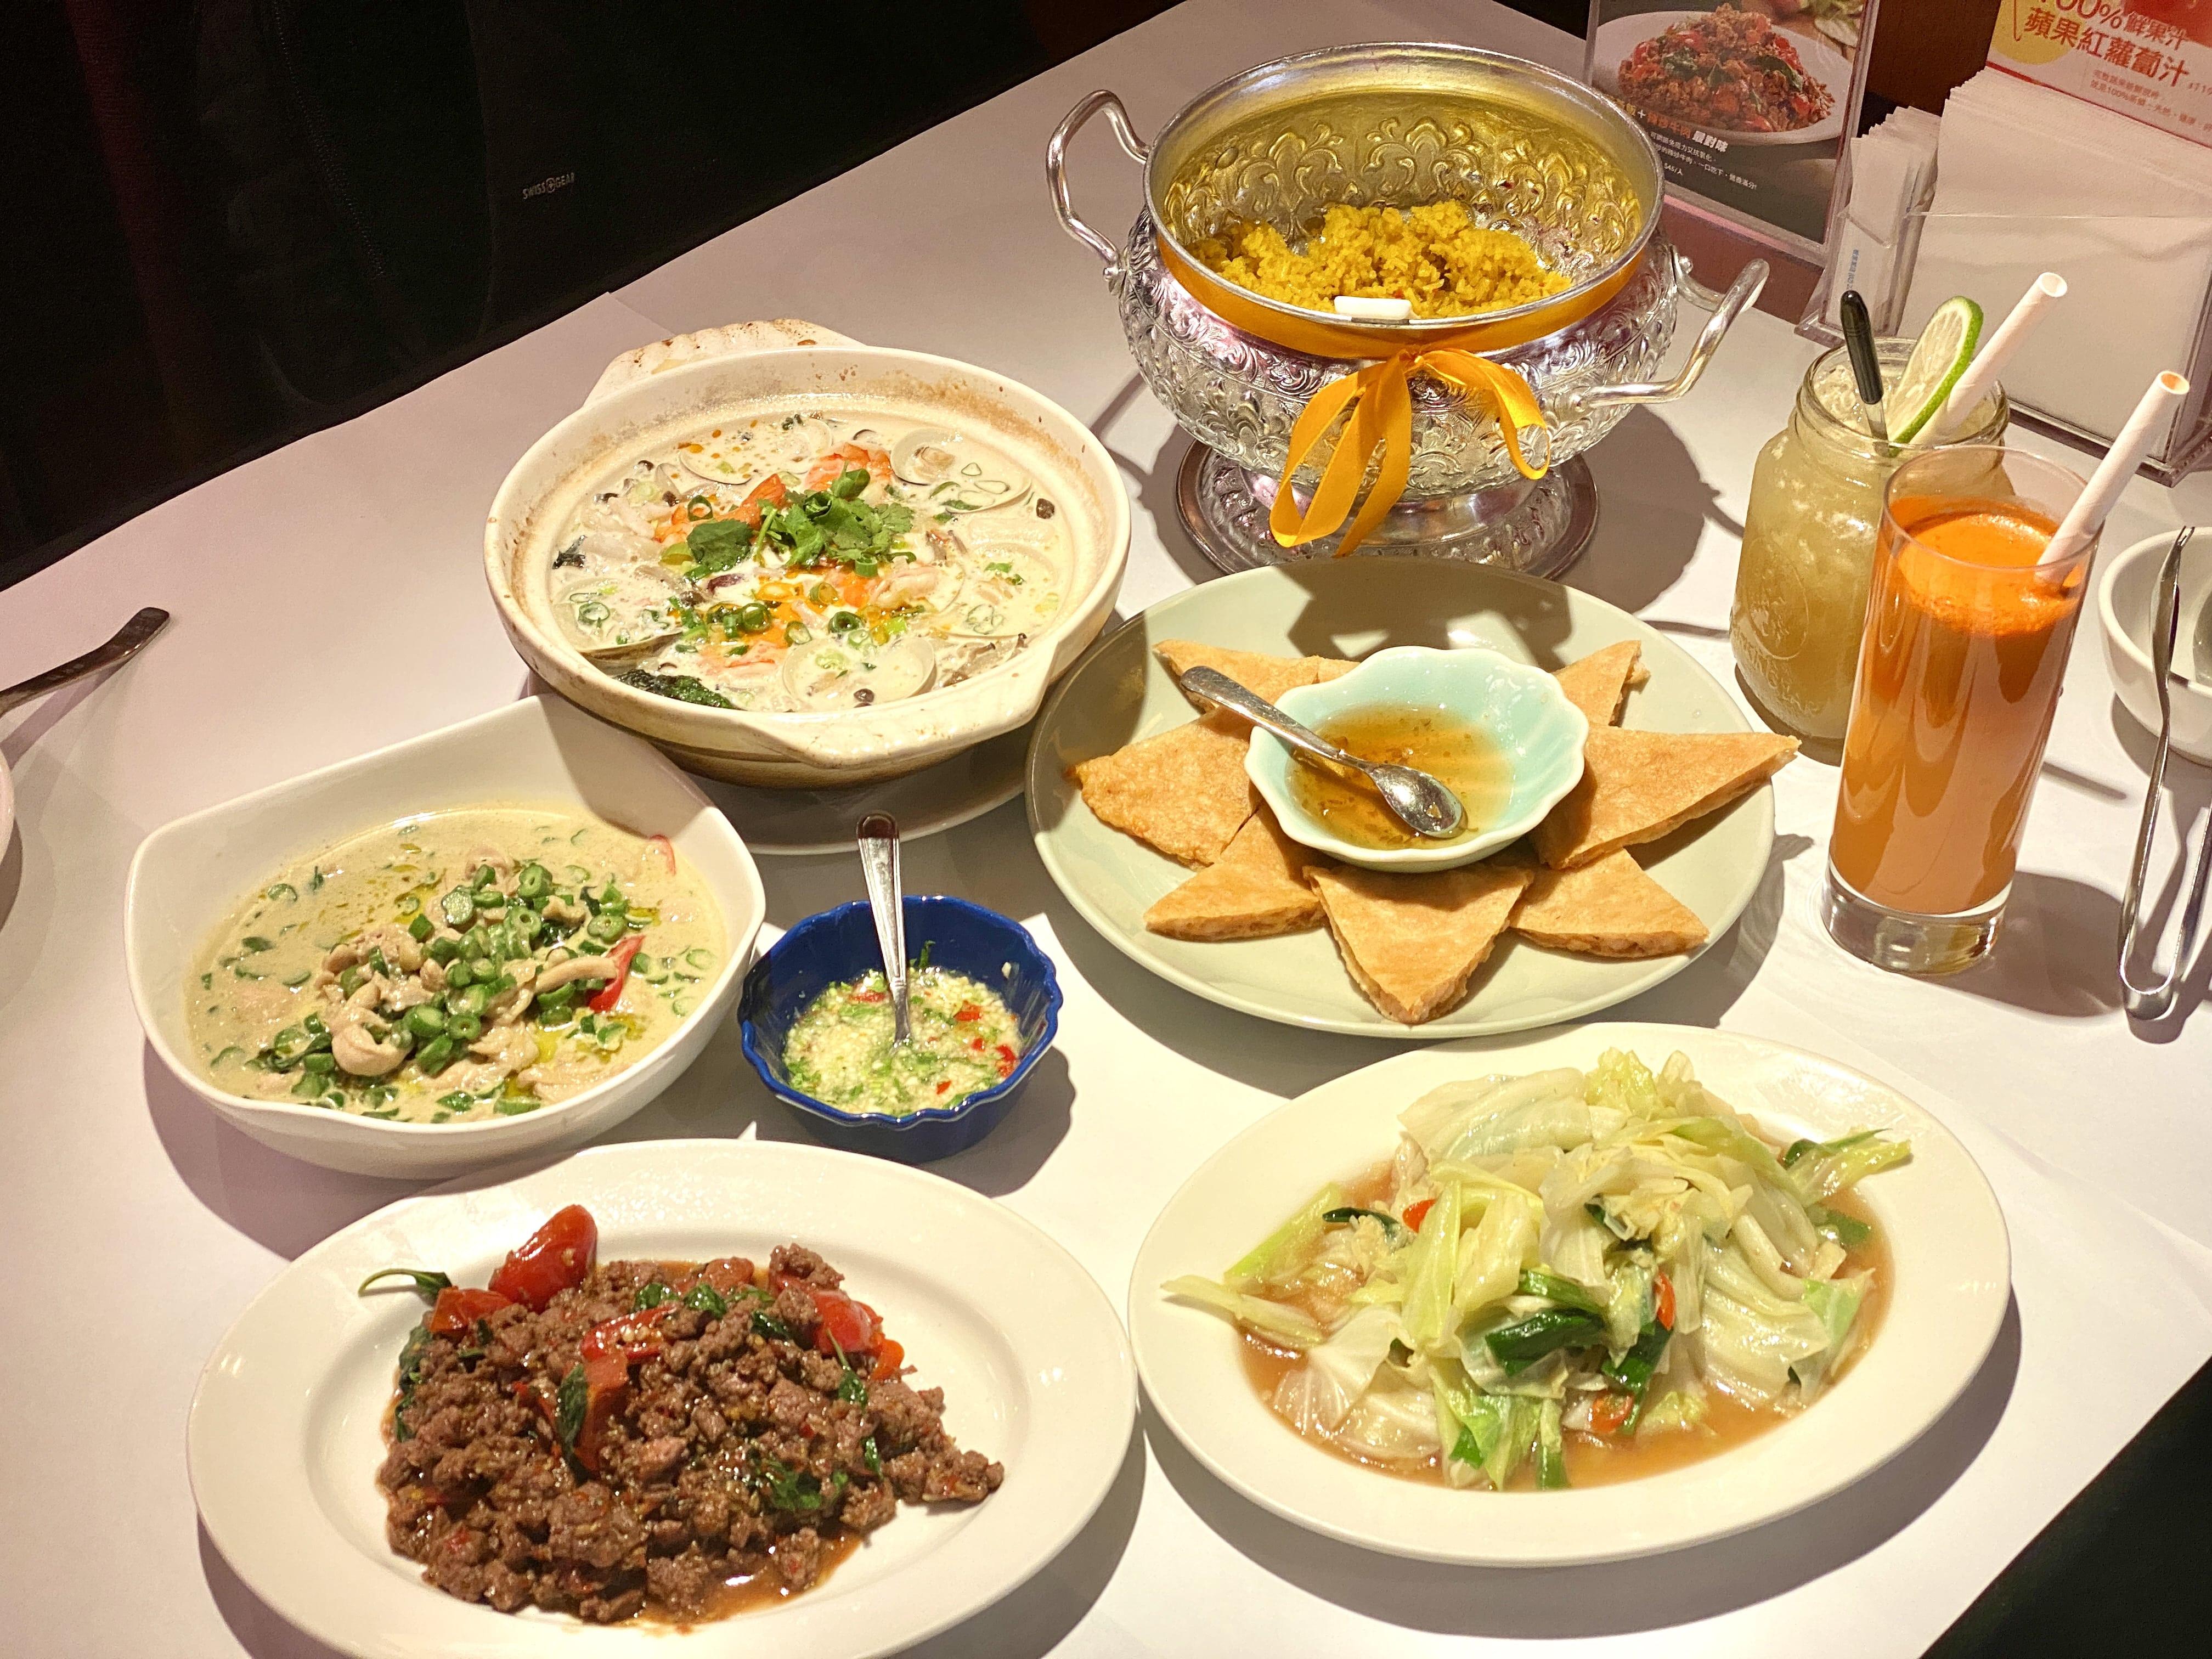 瓦城泰國料理全新推出健康薑黃飯 30年的美味依舊 中山站美食推薦